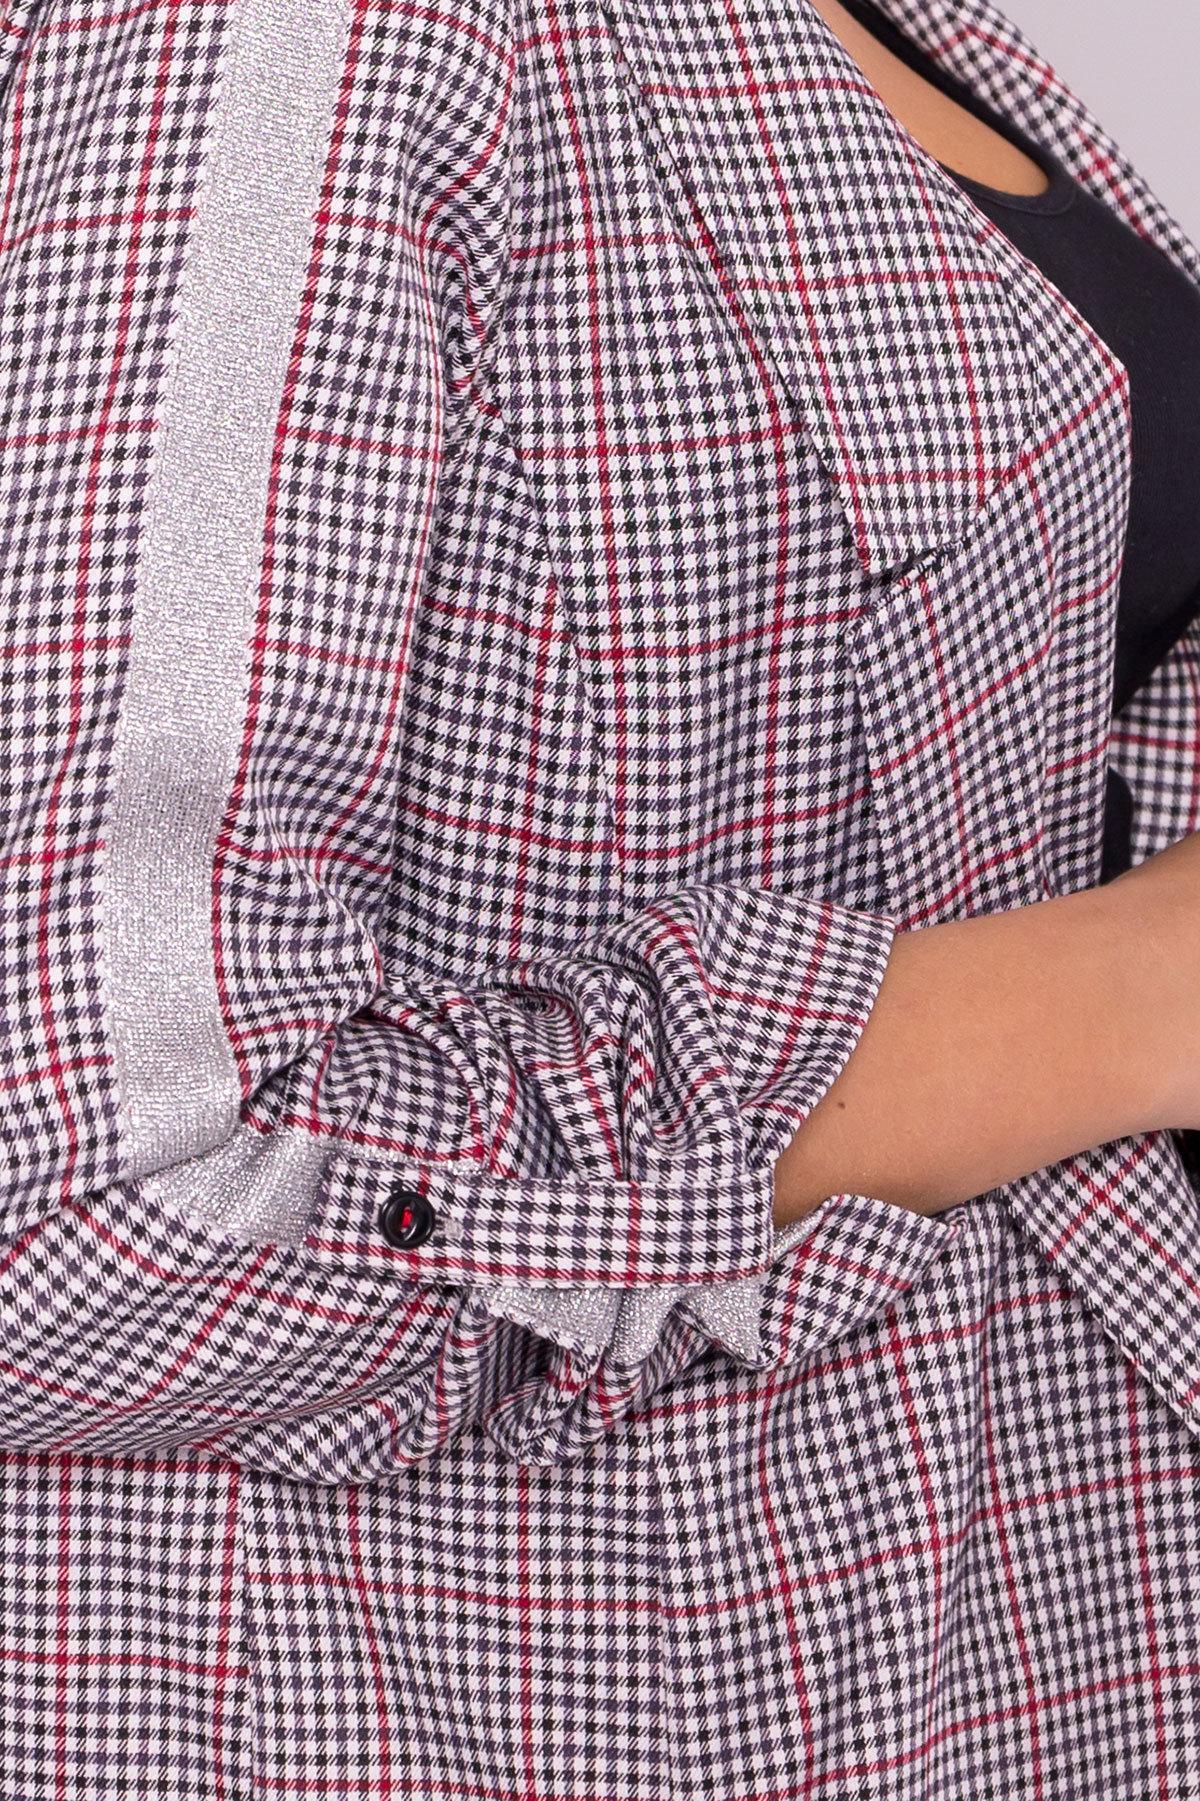 Клетчатый жакет с лампасами Лоа 6881 АРТ. 41966 Цвет: бел/чер/кр/сереб - фото 5, интернет магазин tm-modus.ru